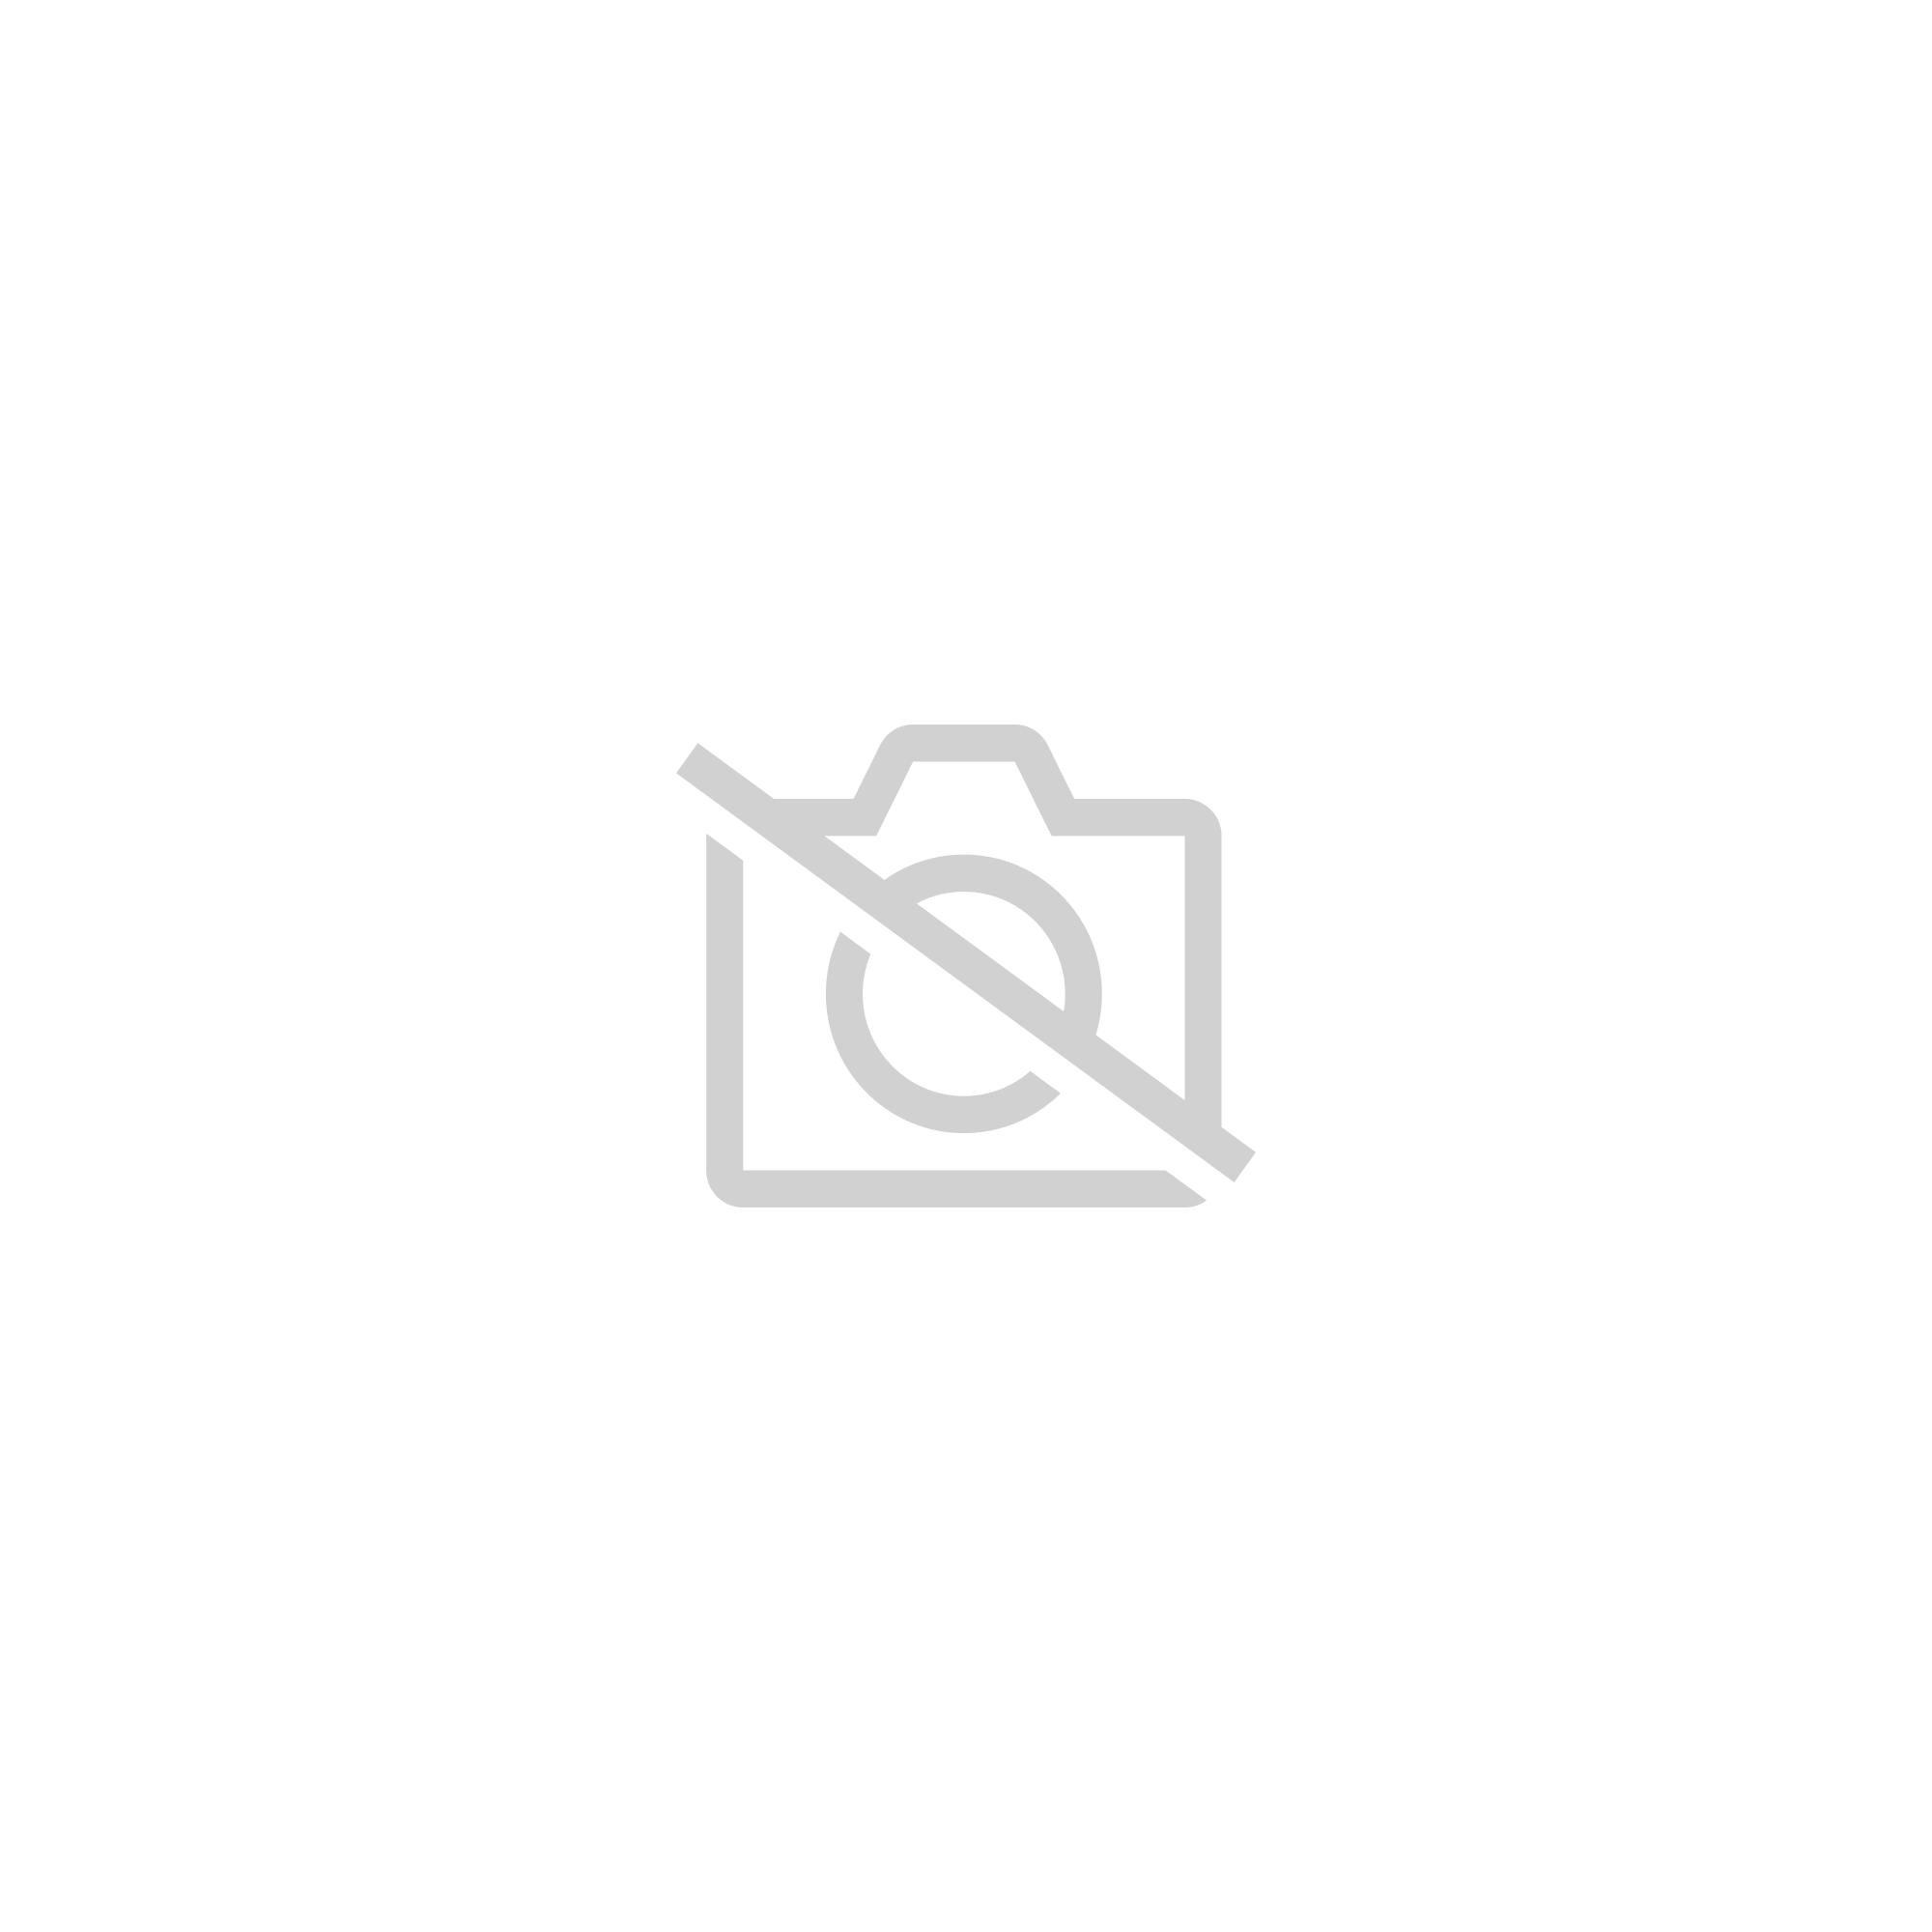 Drapeau Pirate Avec Sang 150x90cm - Drapeau Corsaire T�te De Mort 90 X 150 Cm - Drapeaux